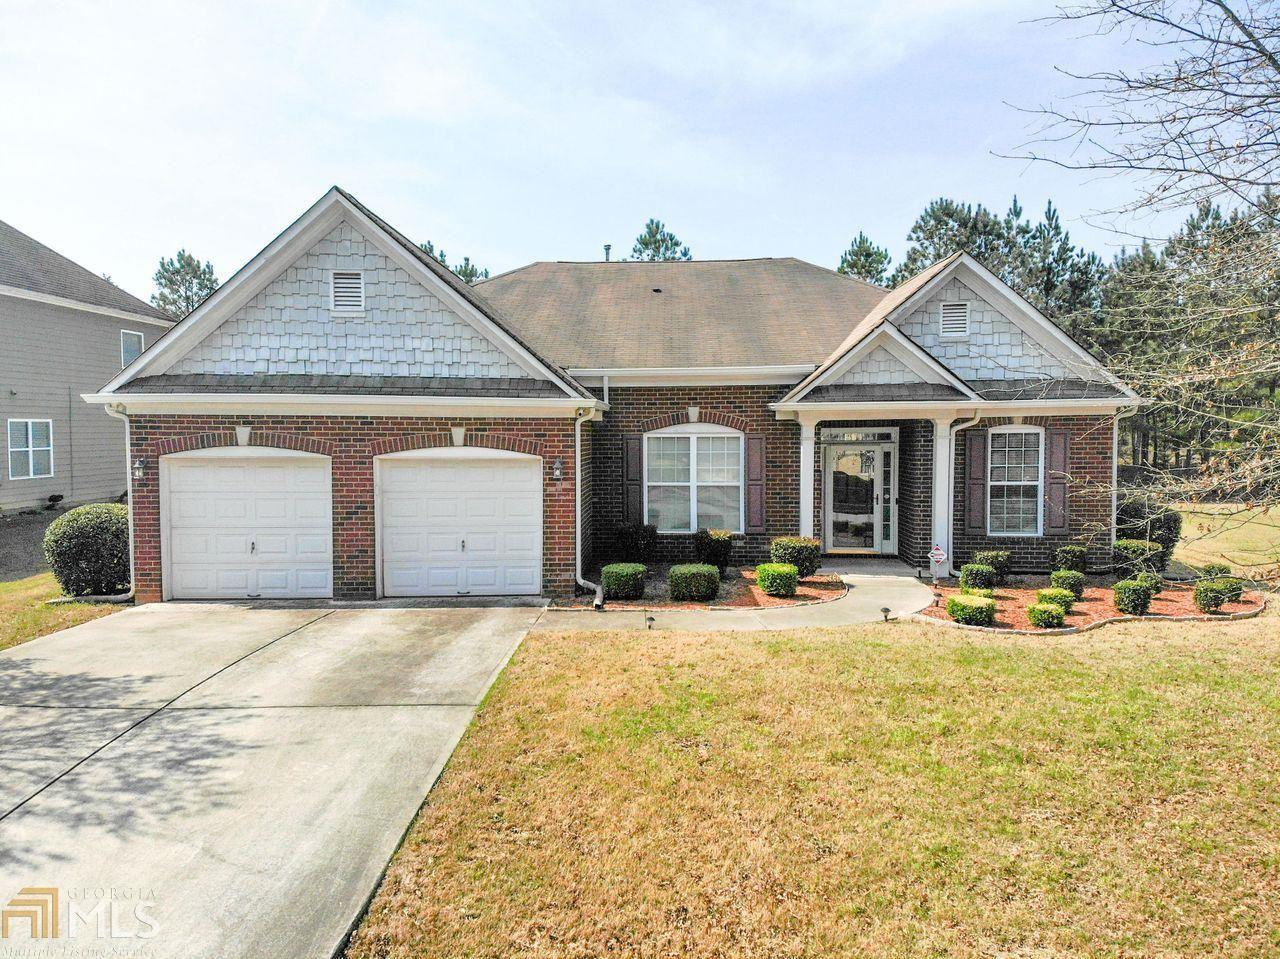 3611 Preserve Wood Ln, Loganville, GA 30052 - #: 8957831